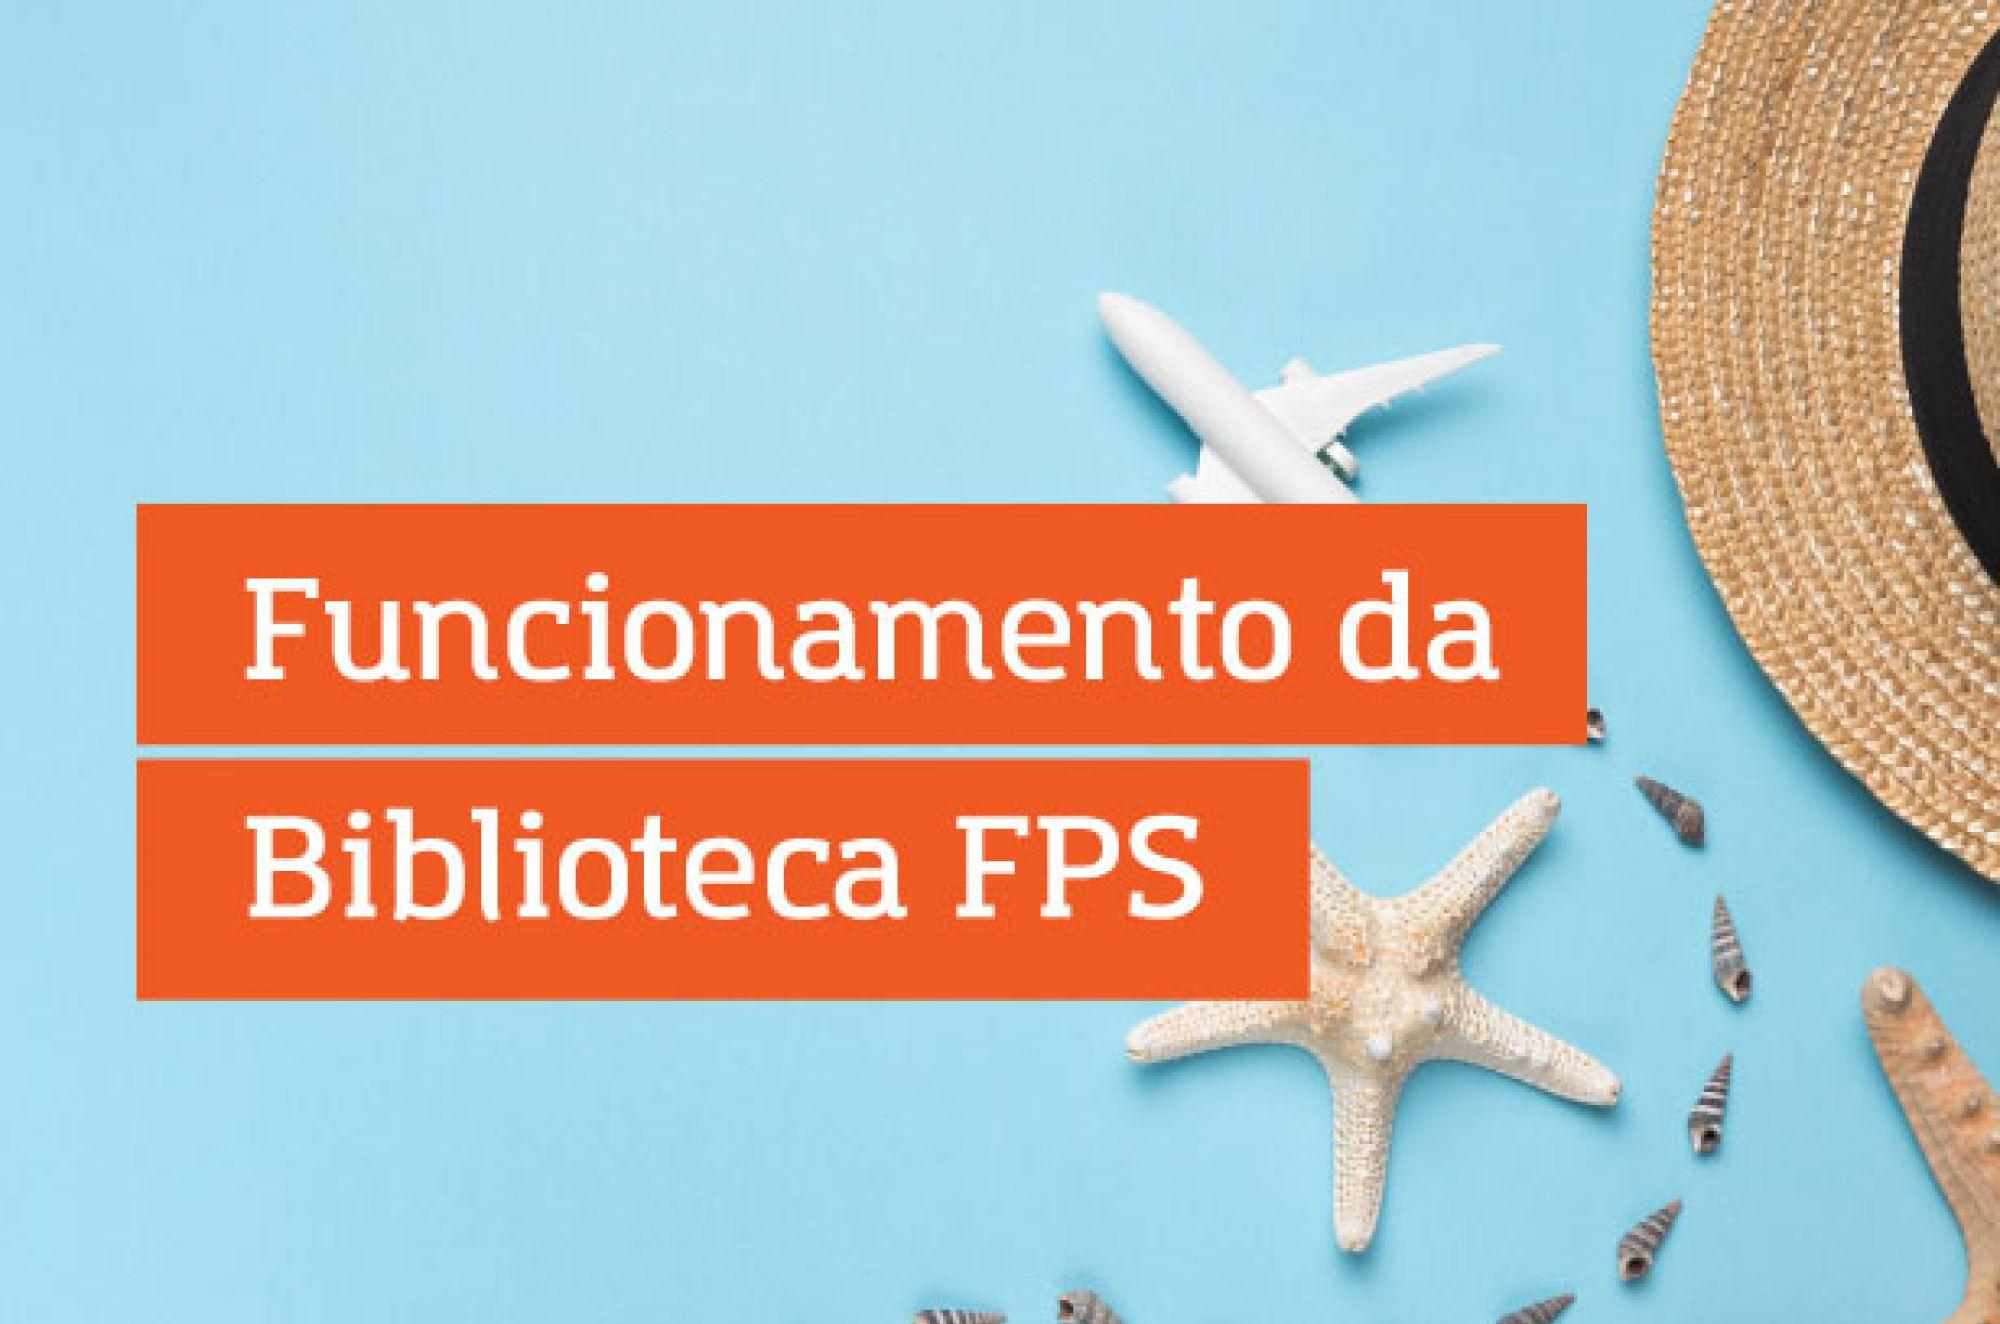 Funcionamento da Biblioteca FPS durante o período de férias 2019.2